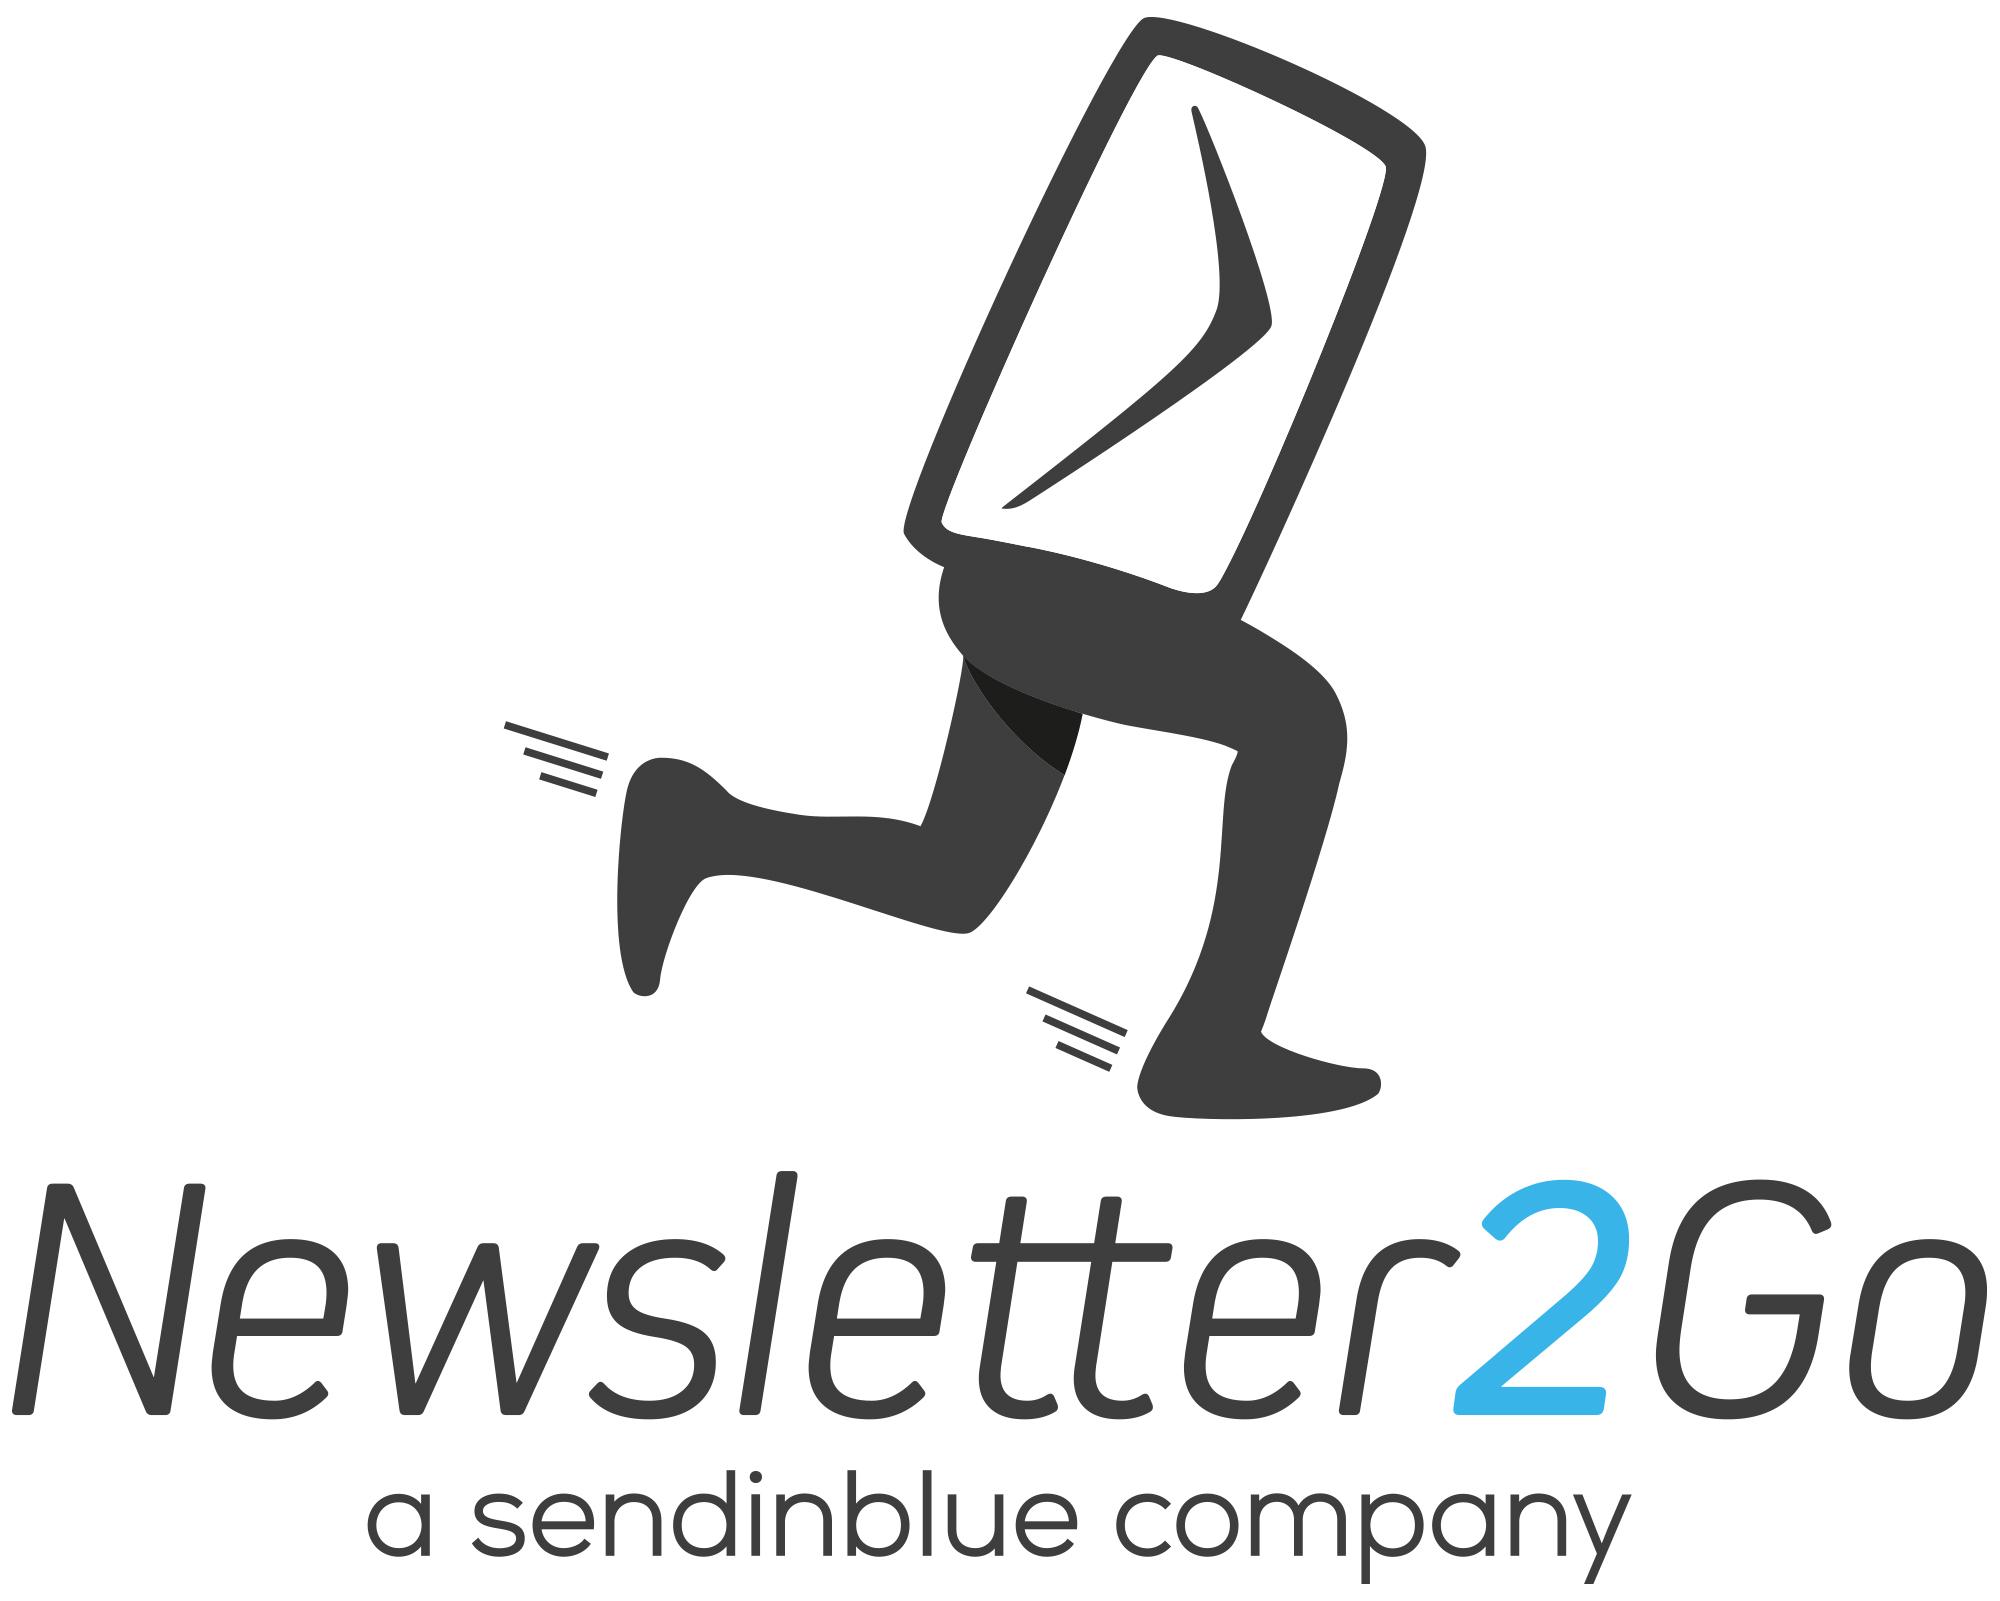 Newsletter2Go GmbH